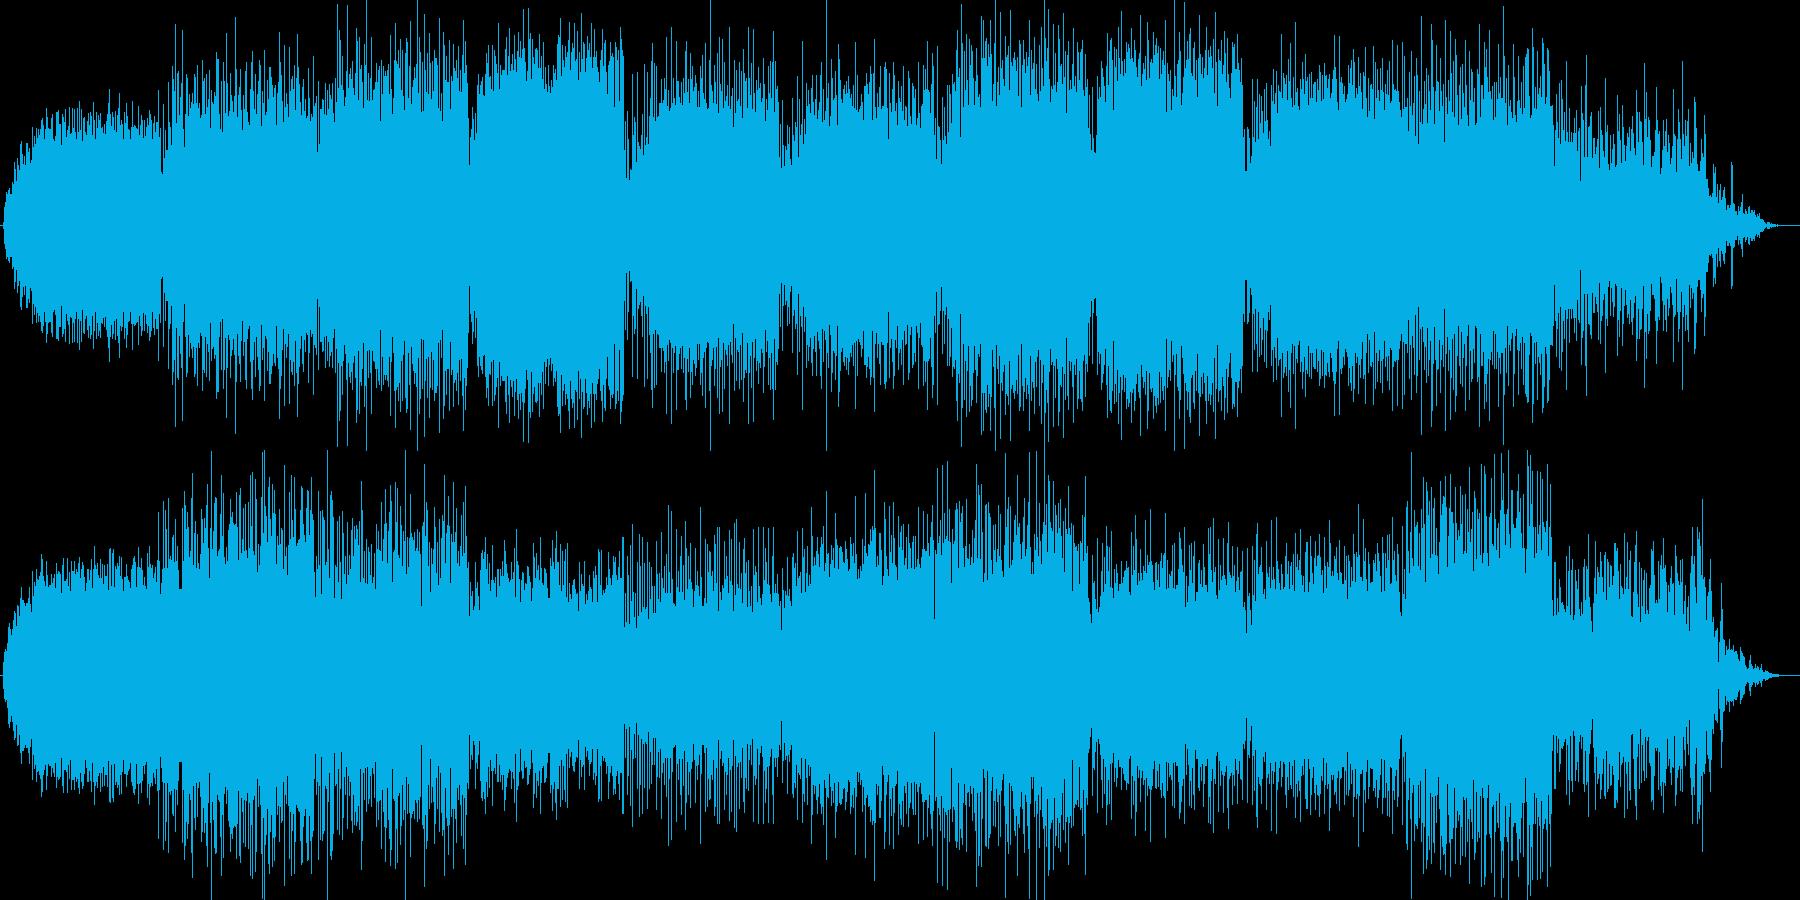 ストレスフリーなリラクゼーションBGMの再生済みの波形